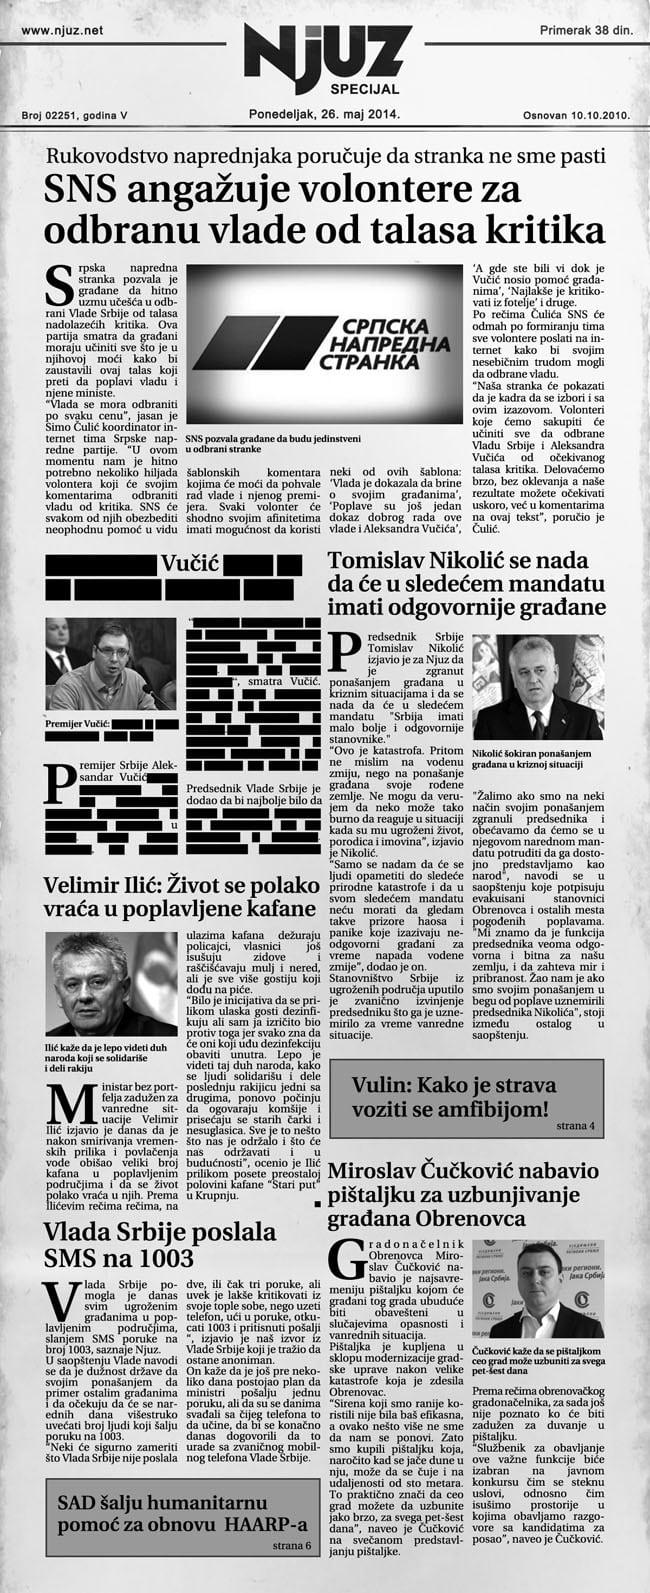 00_njuz novine11